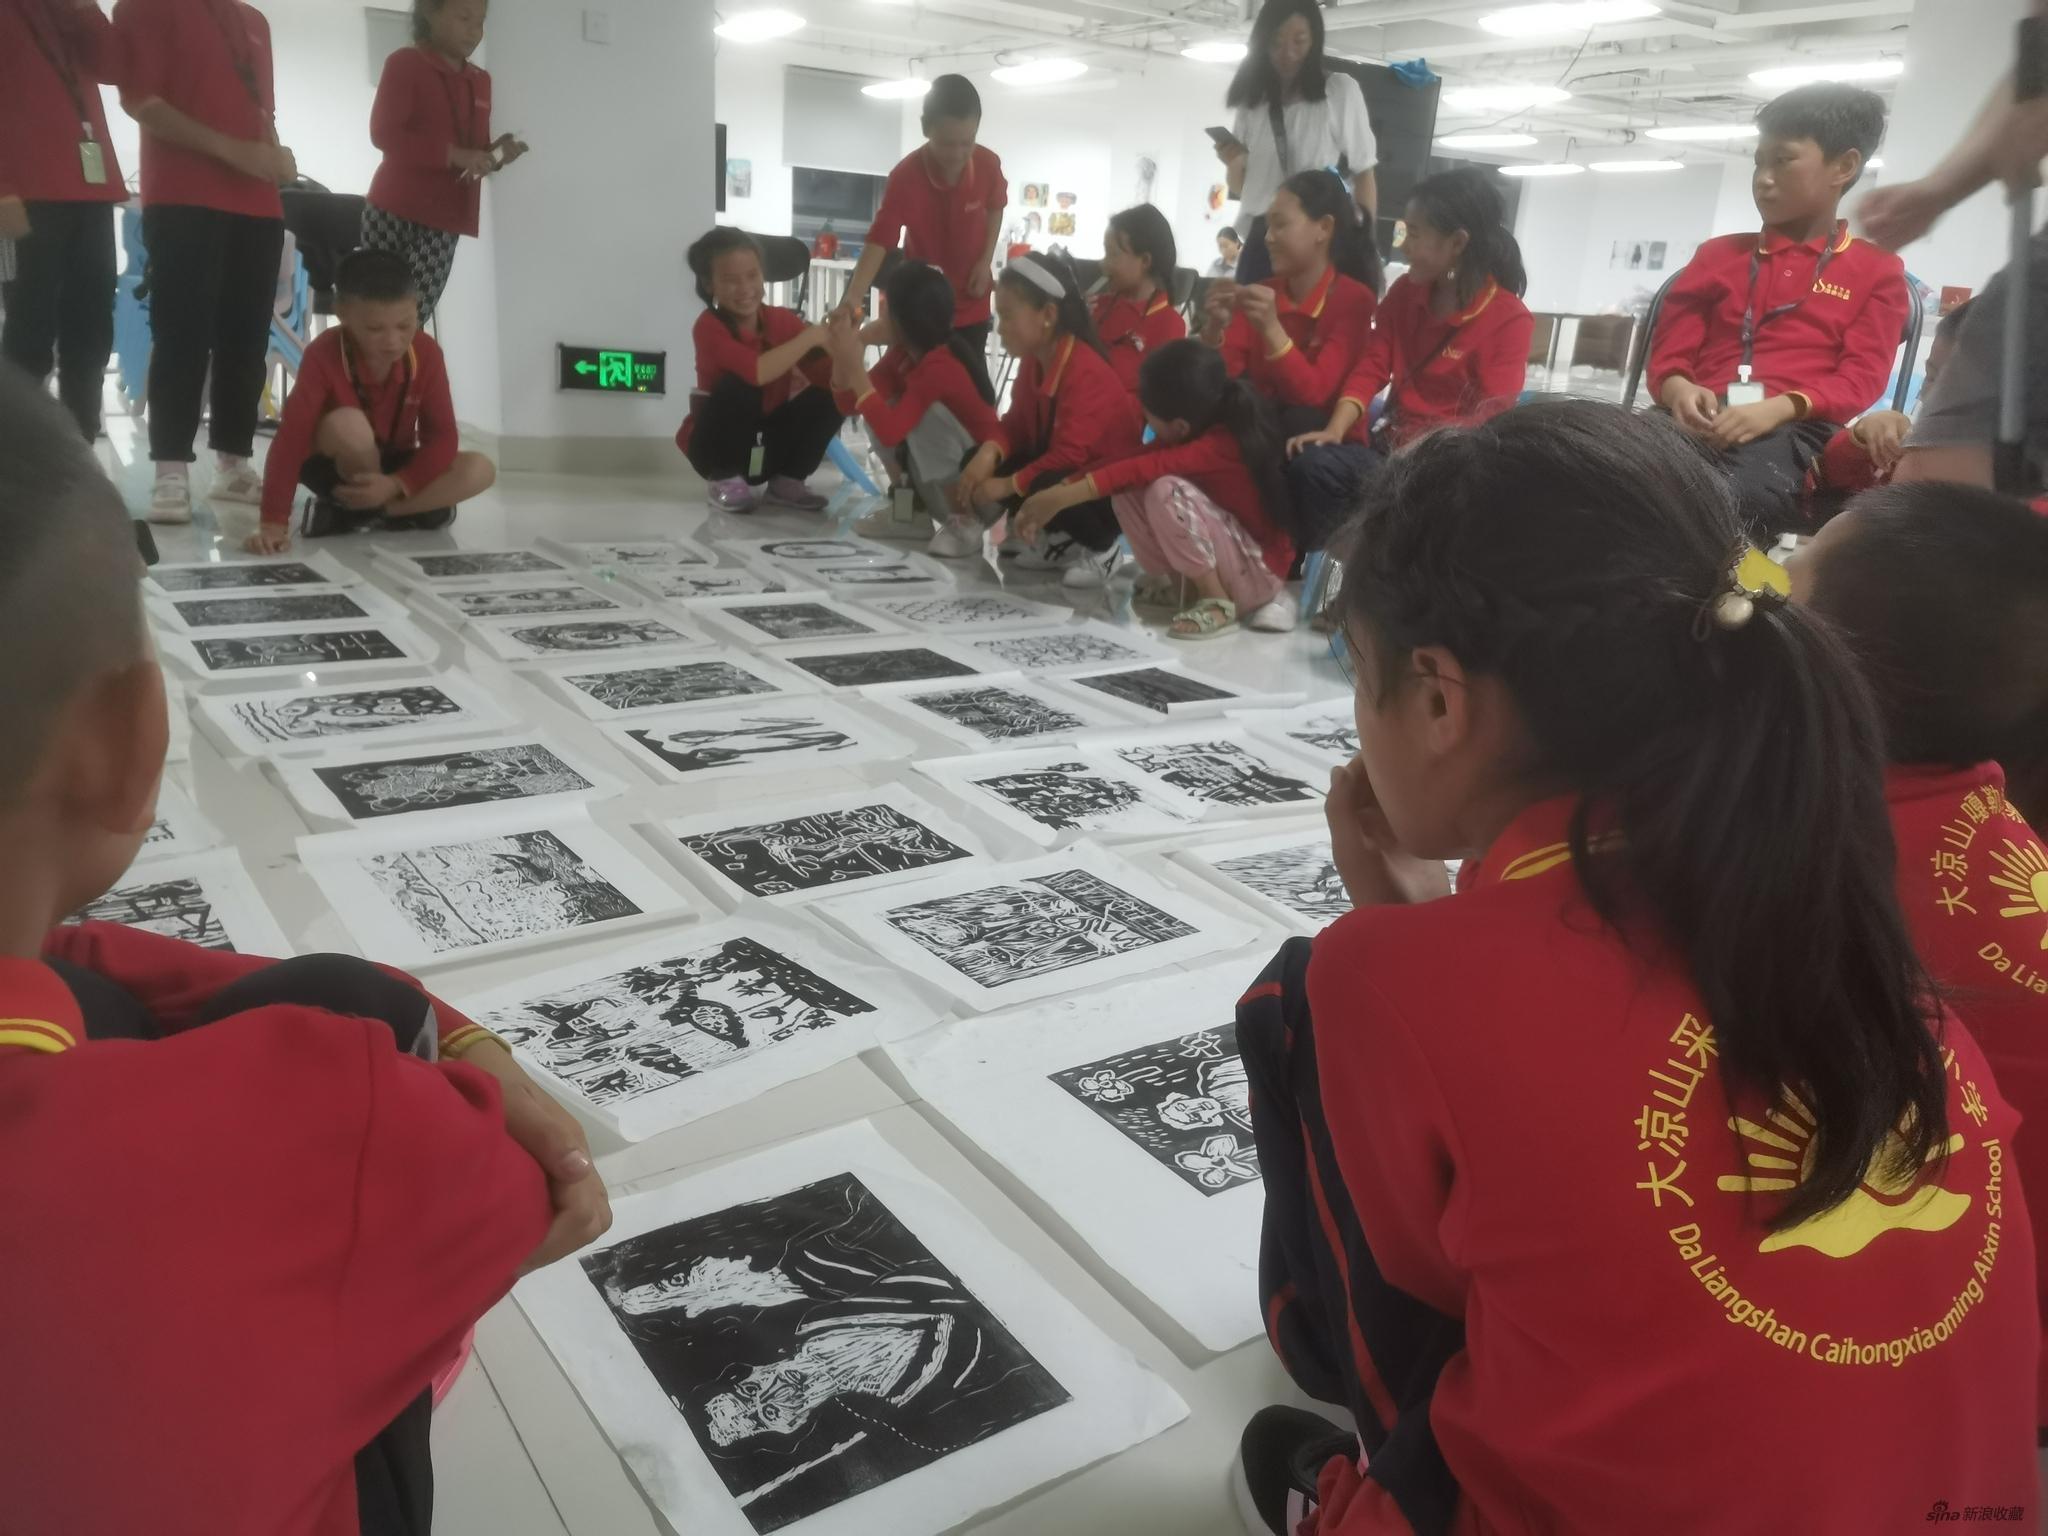 孩子们课间在互相学习作品